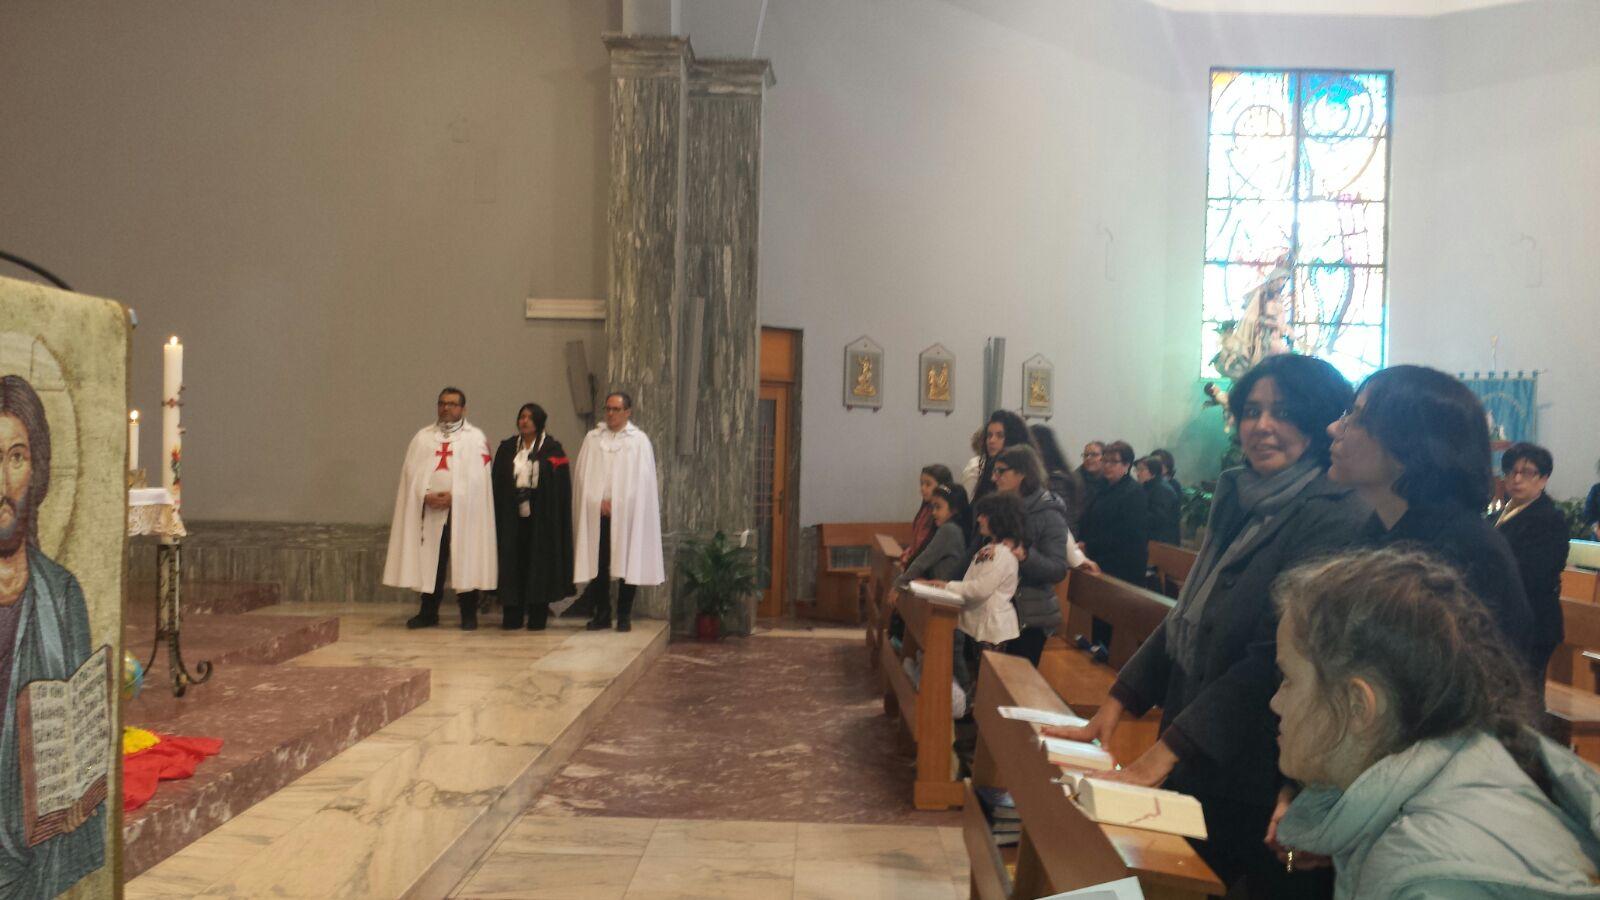 I Templari Cattolici d'Italia partecipano alla Celebrazione Eucaristica presso la chiesa parrocchiale a Reggio Calabria